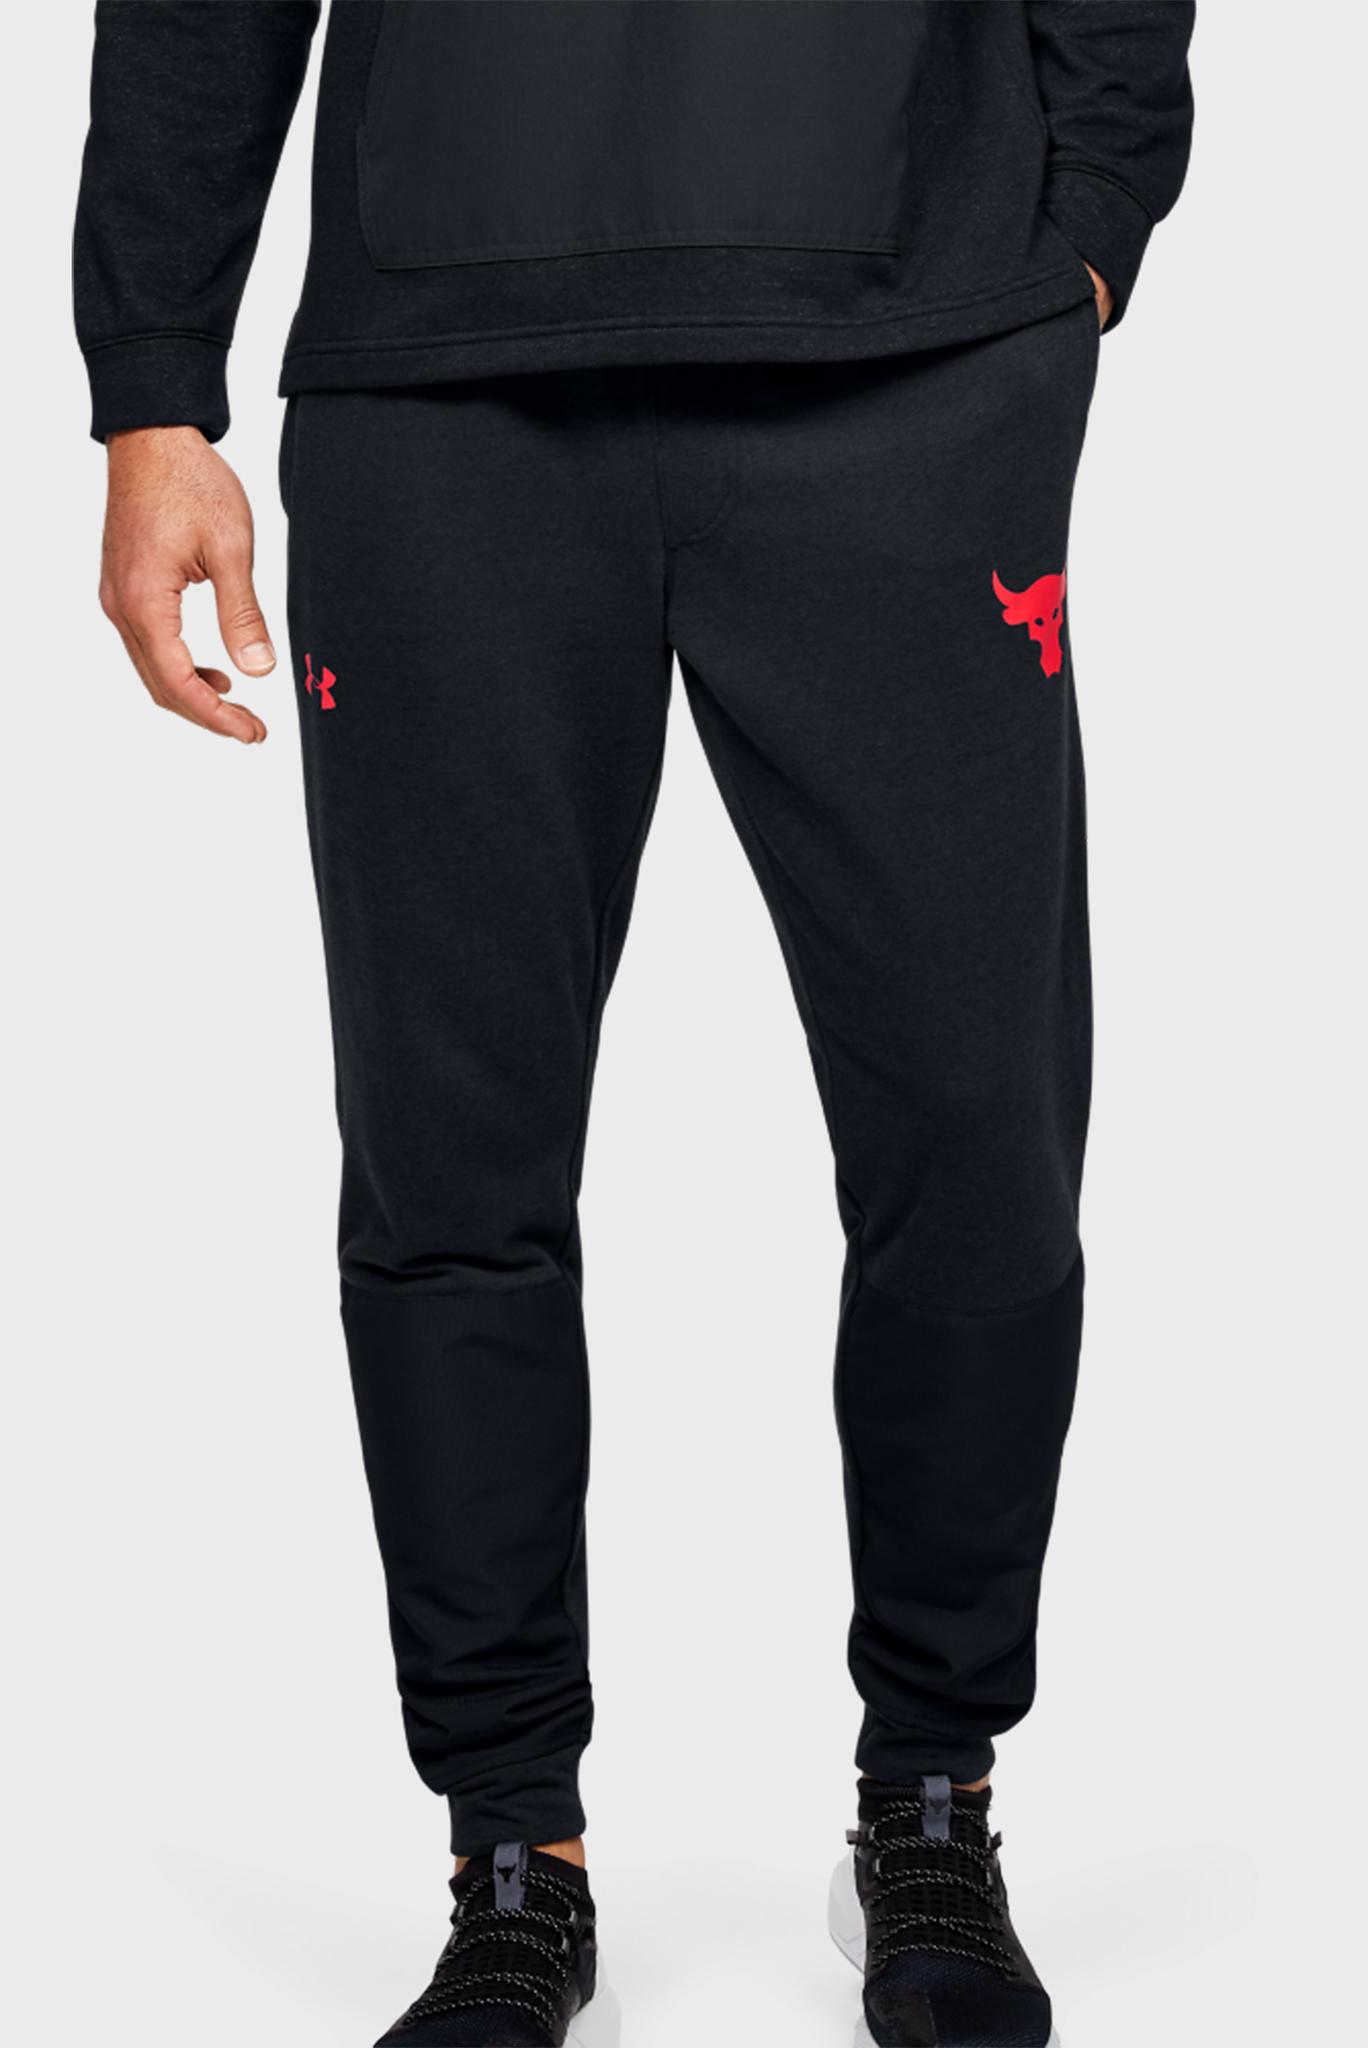 Мужские черные спортивные брюки Project Rock Terry Jogger Under Armour